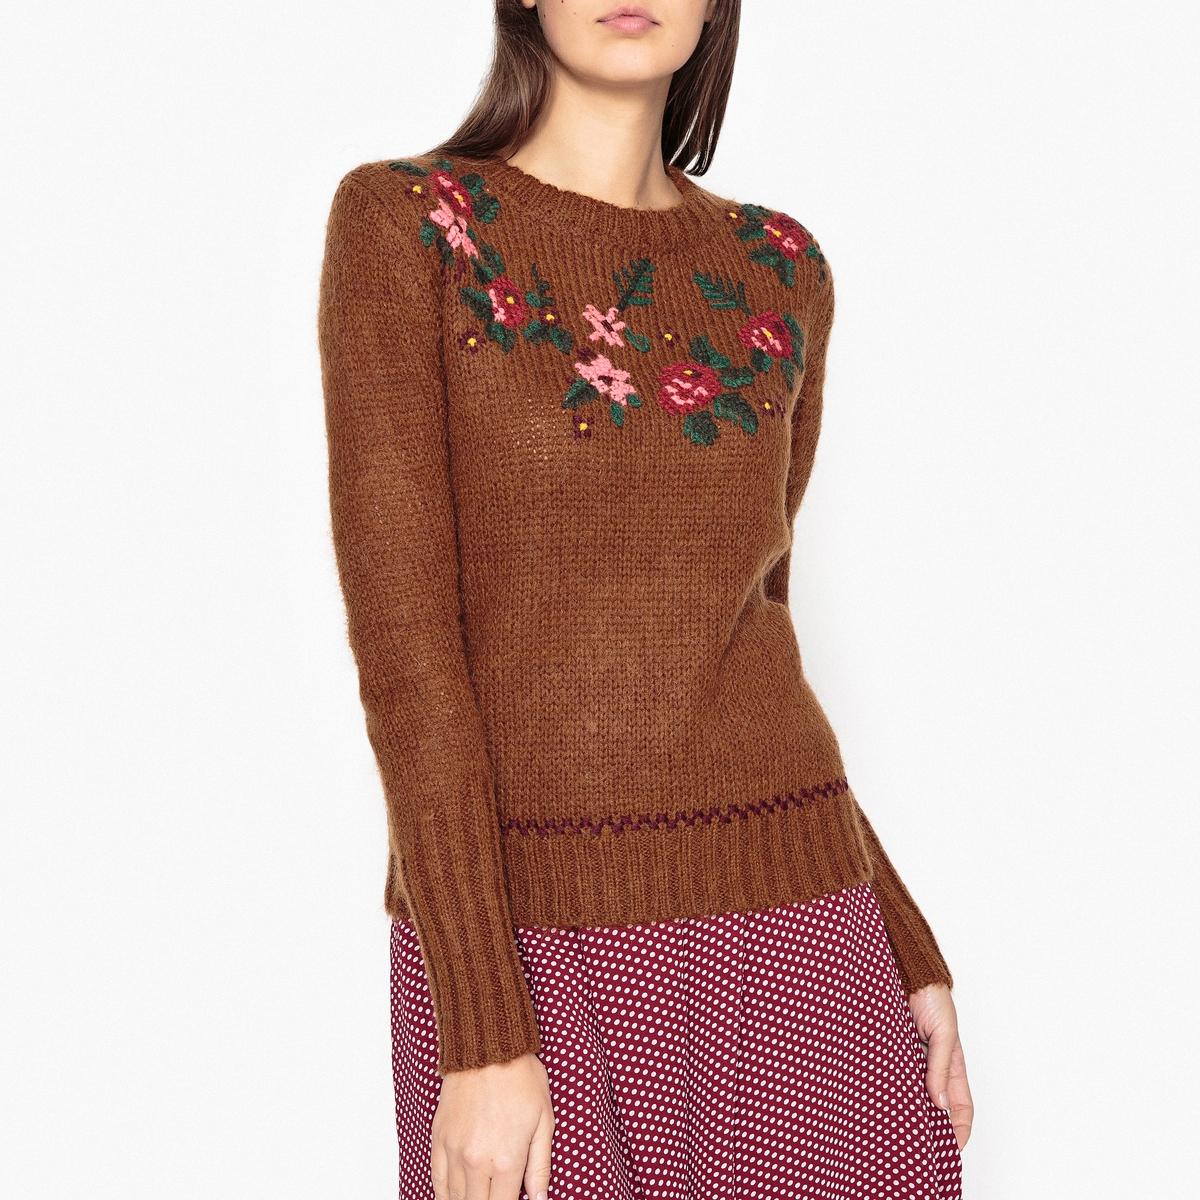 Пуловер NAUTICAОписание:Пуловер с длинными рукавами LEON AND HARPER - модель NAUTICA с цветочным рисунком.Детали •  Пуловер короткий •  Длинные рукава •  Круглый вырез •  Плотный трикотаж Состав и уход •  40% акрила, 30% мохера, 30% полиамида •  Следуйте советам по уходу, указанным на этикетке<br><br>Цвет: темно-бежевый,темно-синий